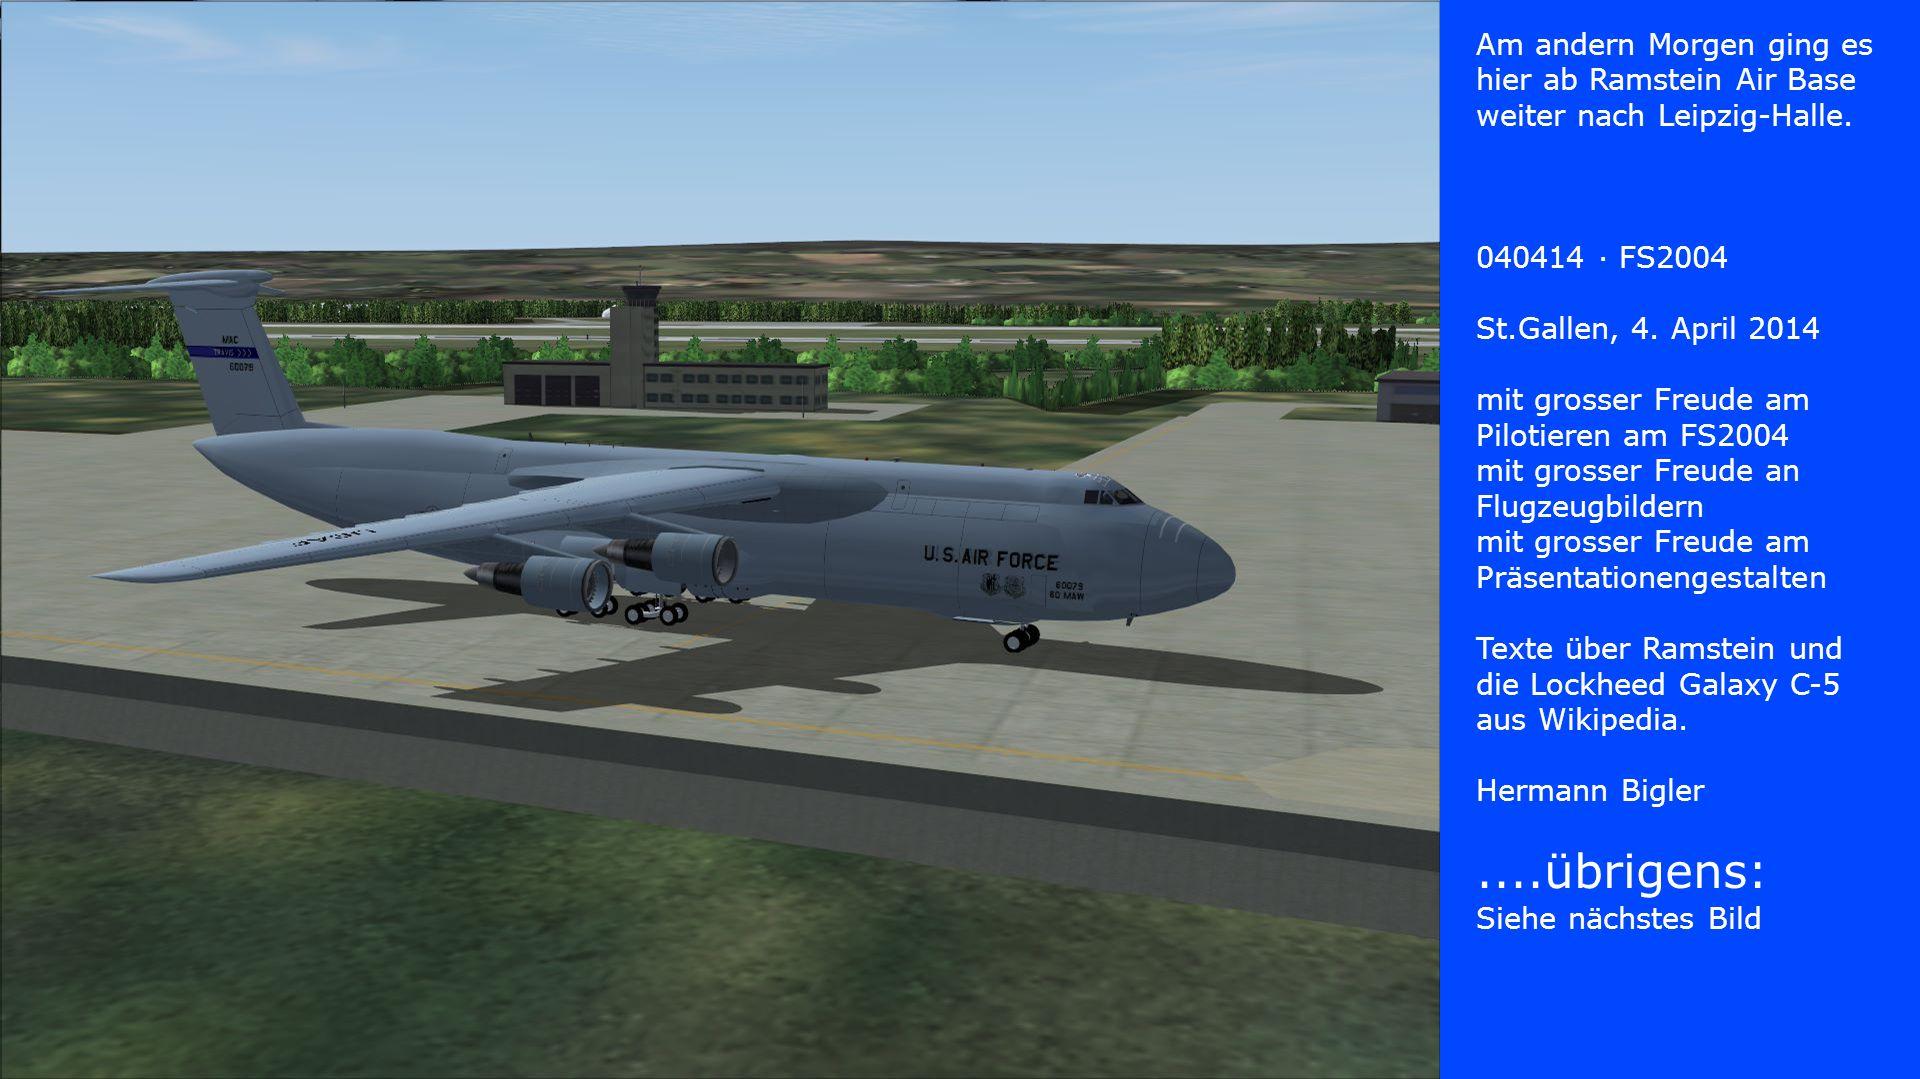 Am andern Morgen ging es hier ab Ramstein Air Base weiter nach Leipzig-Halle.